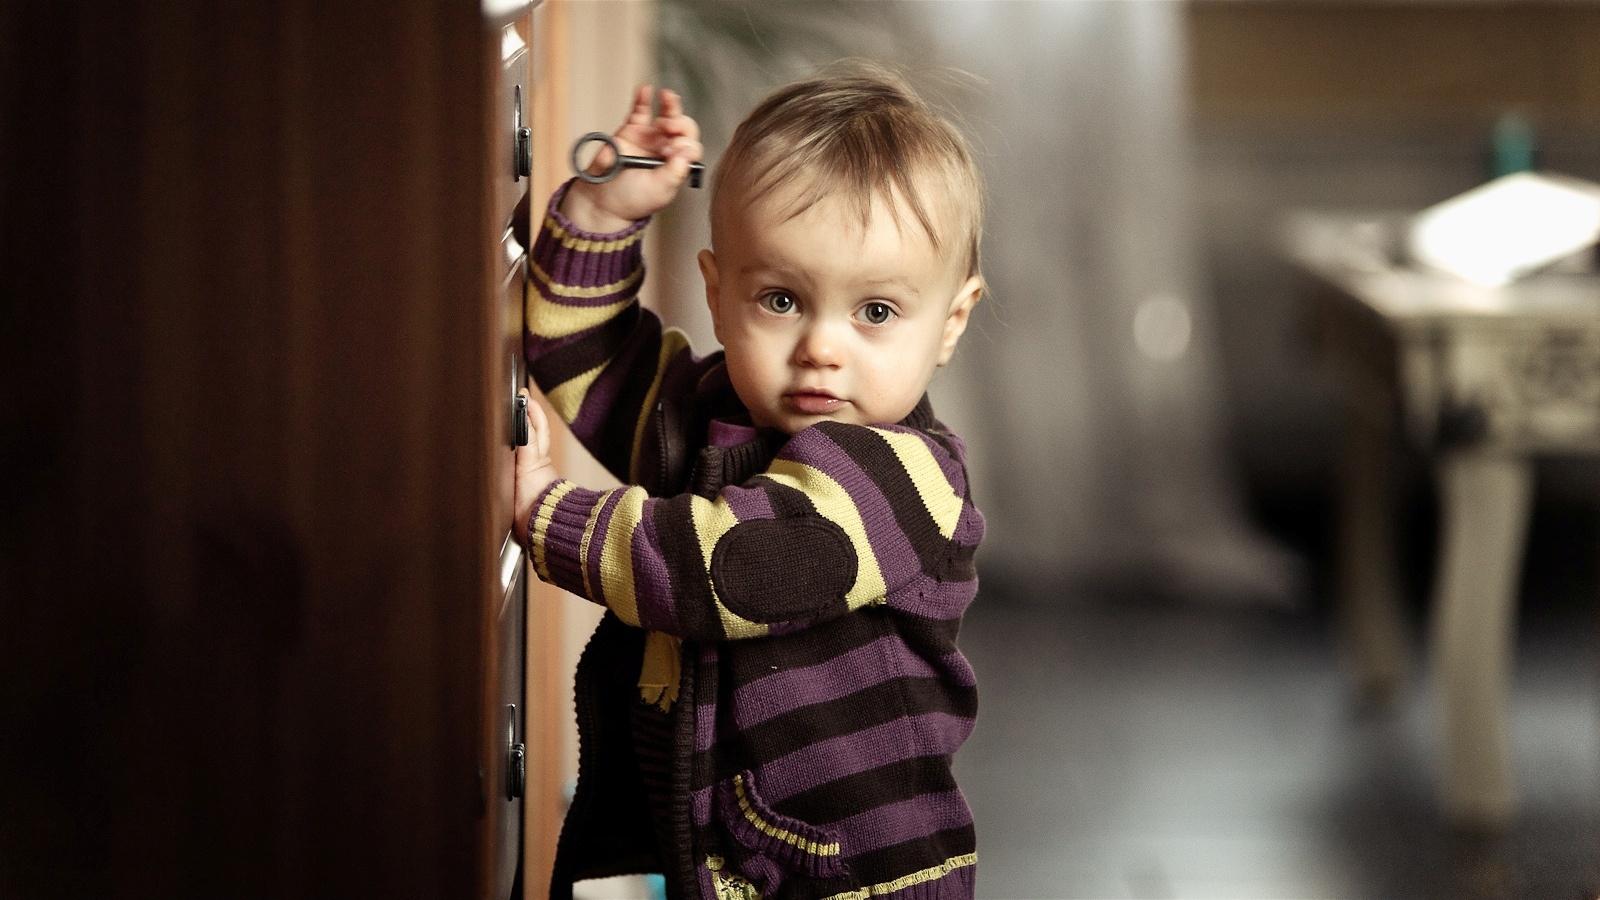 Cute Little Baby Boy Trying To Open Drawer HD WAllpaper Cute Little 1600x900